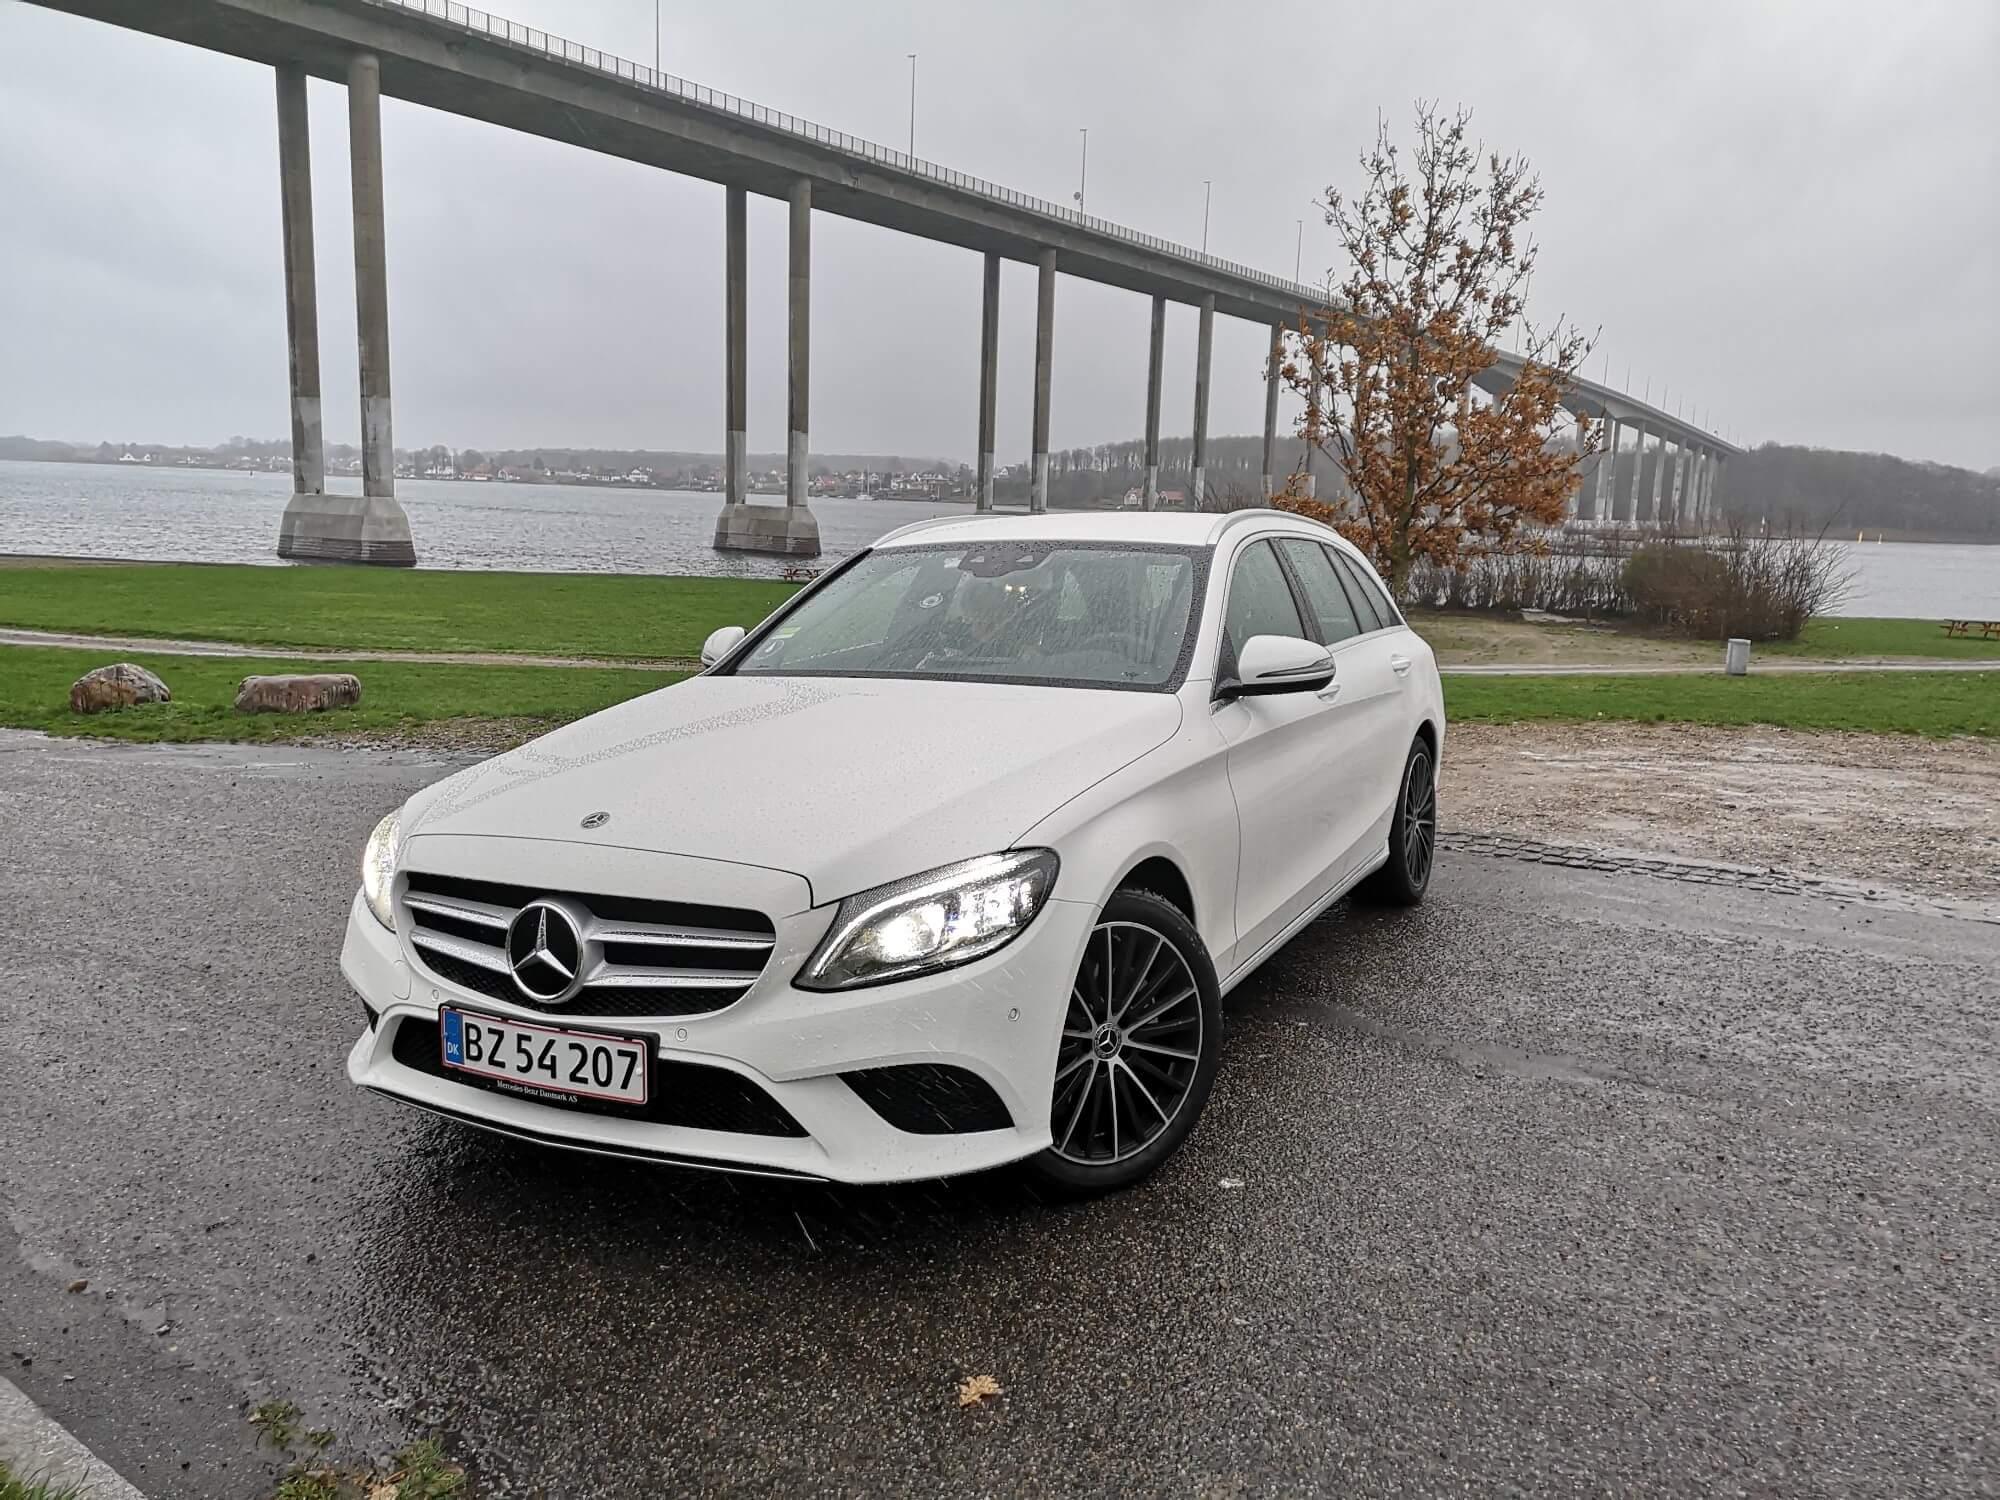 Populær Mercedes C er ren kvalitet –med én stor fejl